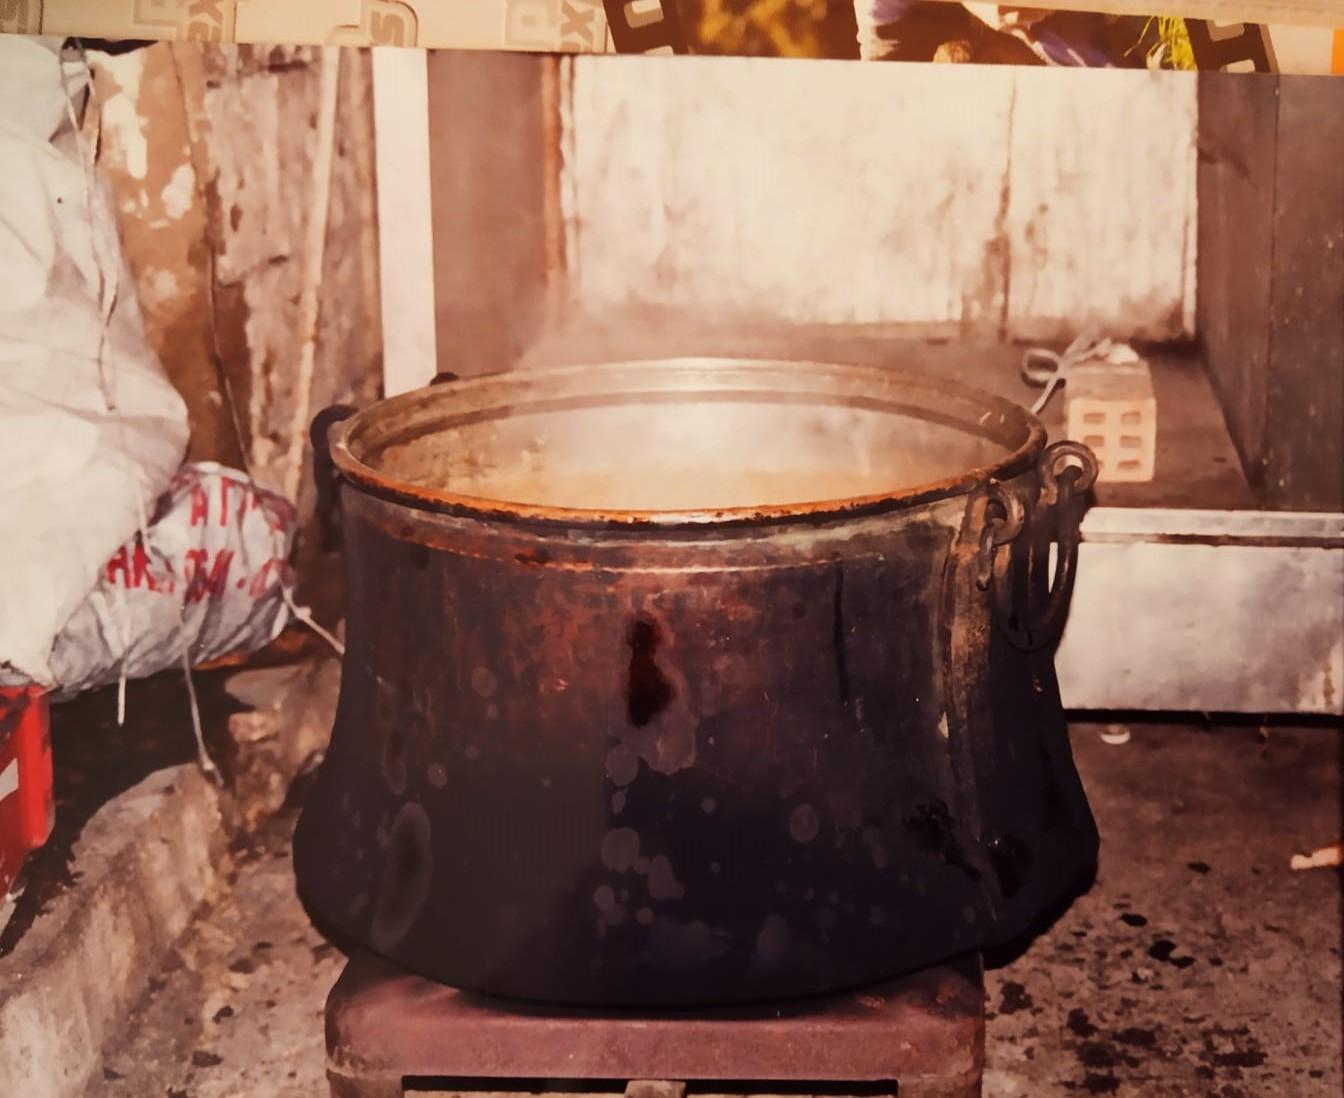 Αποτέλεσμα εικόνας για μαγείρεμα σε καζάνι